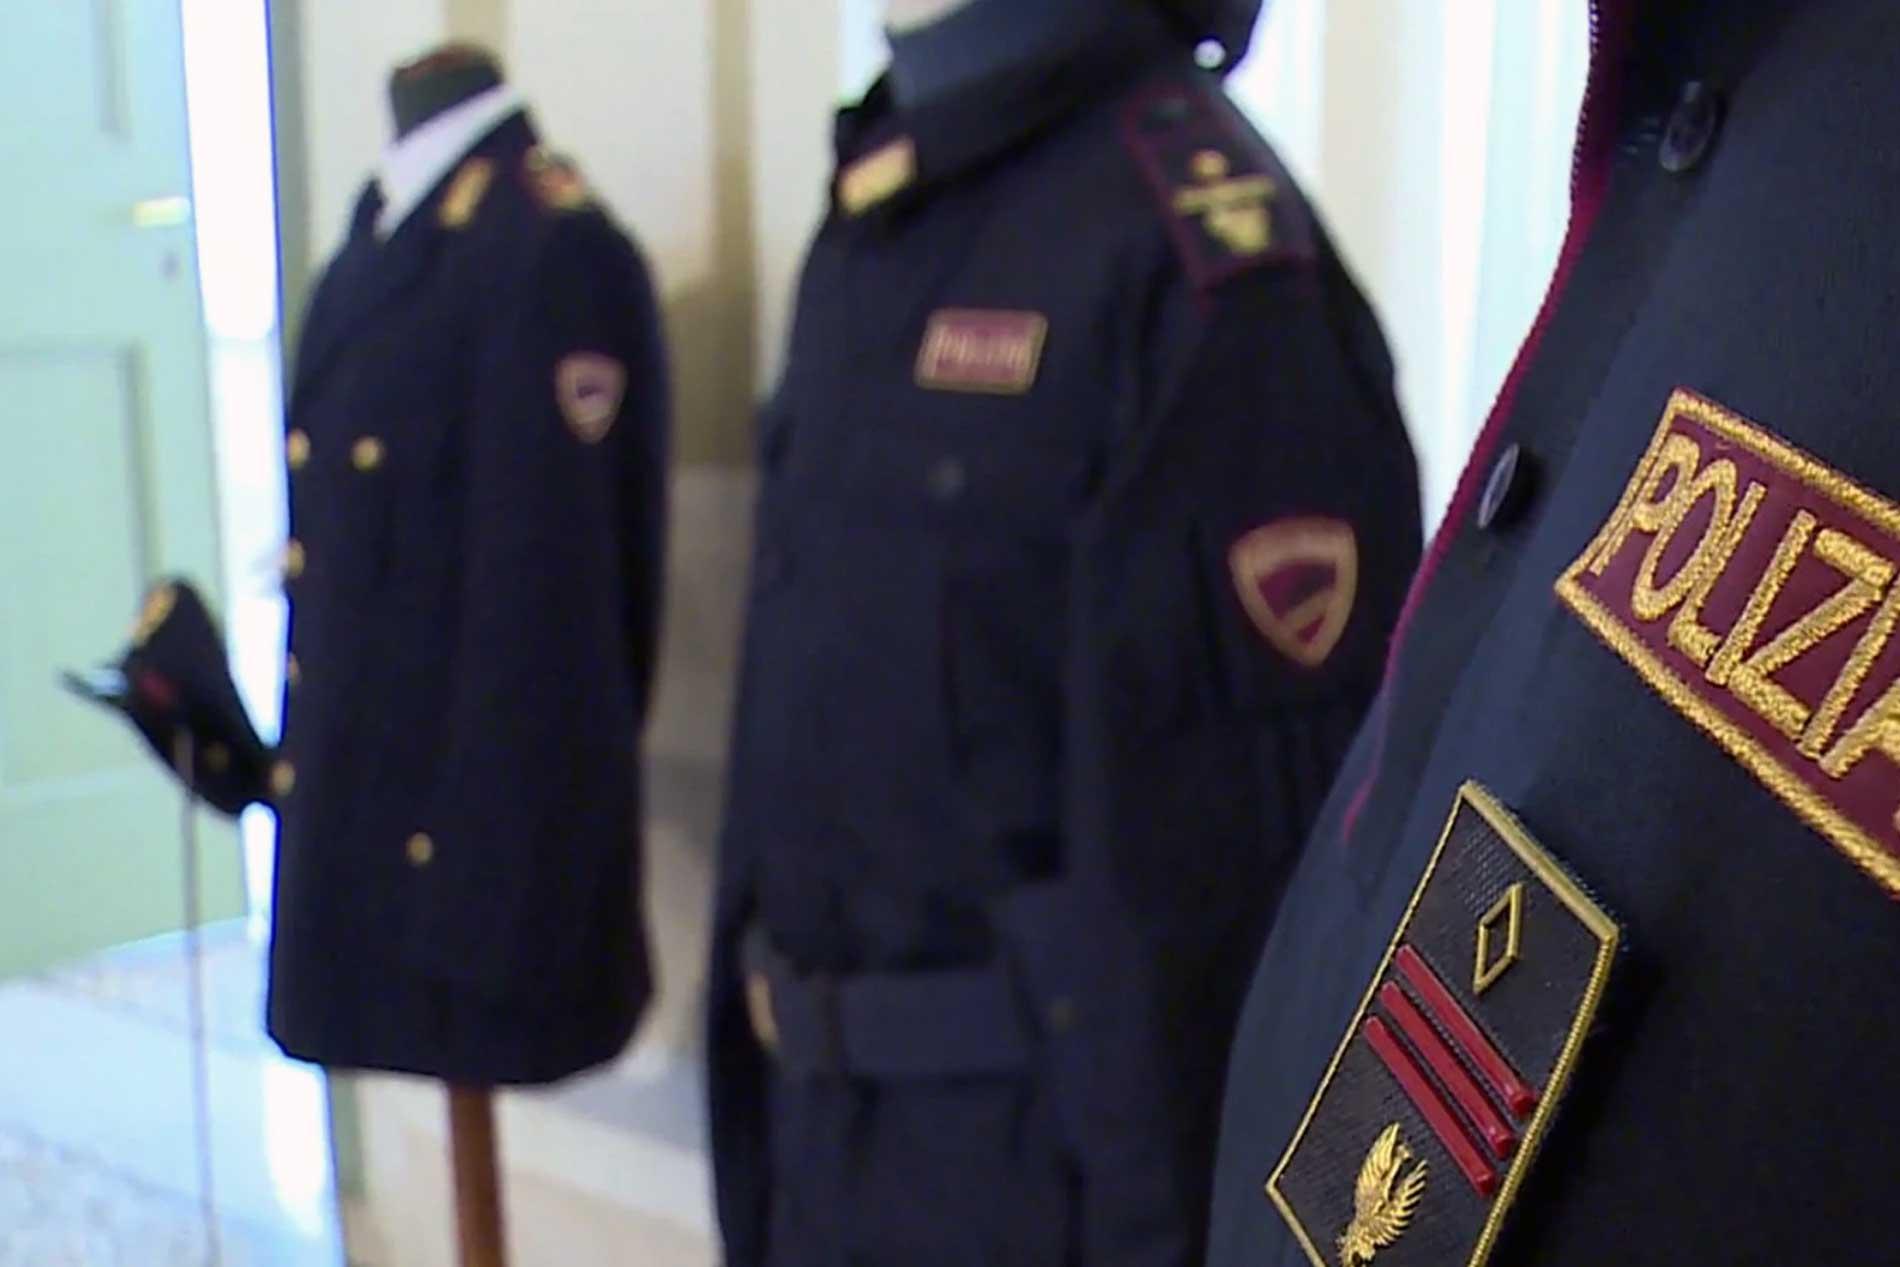 Uniformi Polizia di Stato